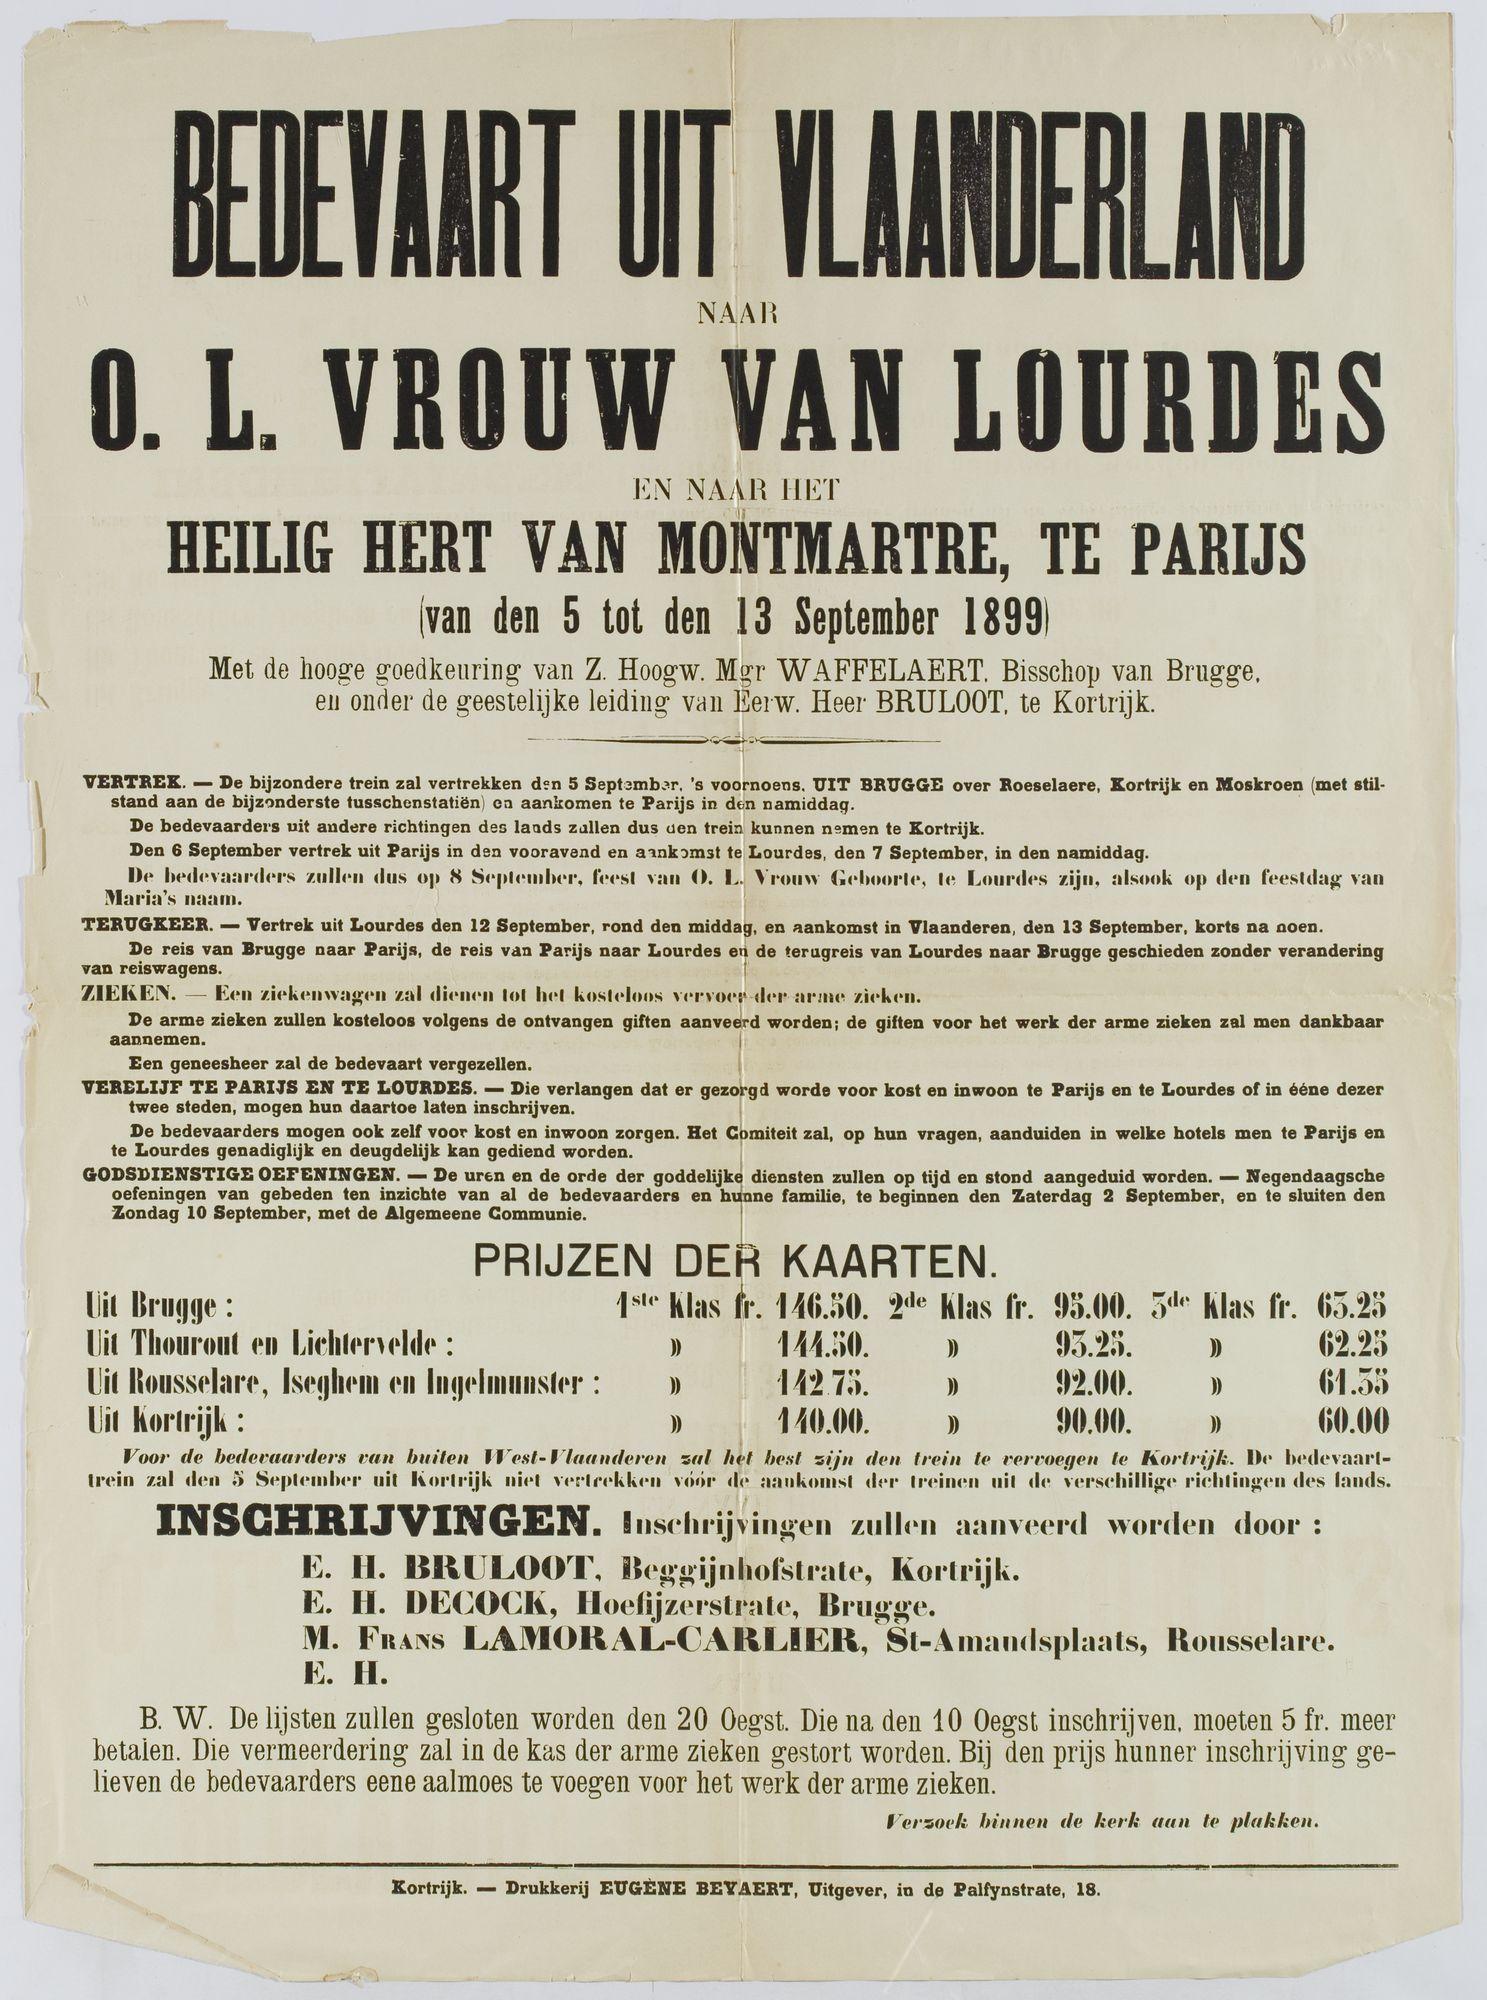 Bedevaart 1899